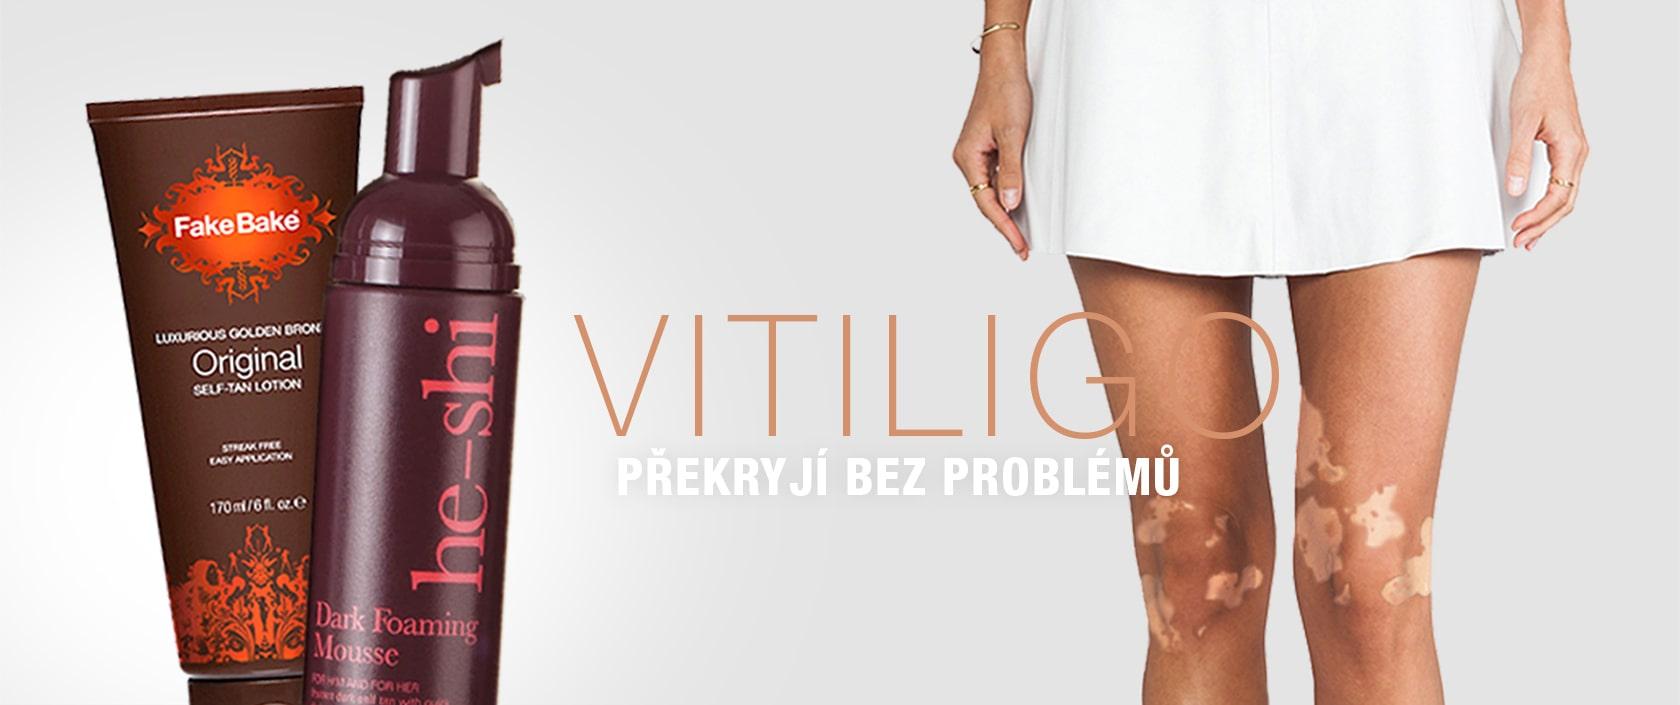 Samoopalovacisvět - Produkty na VITILIGO